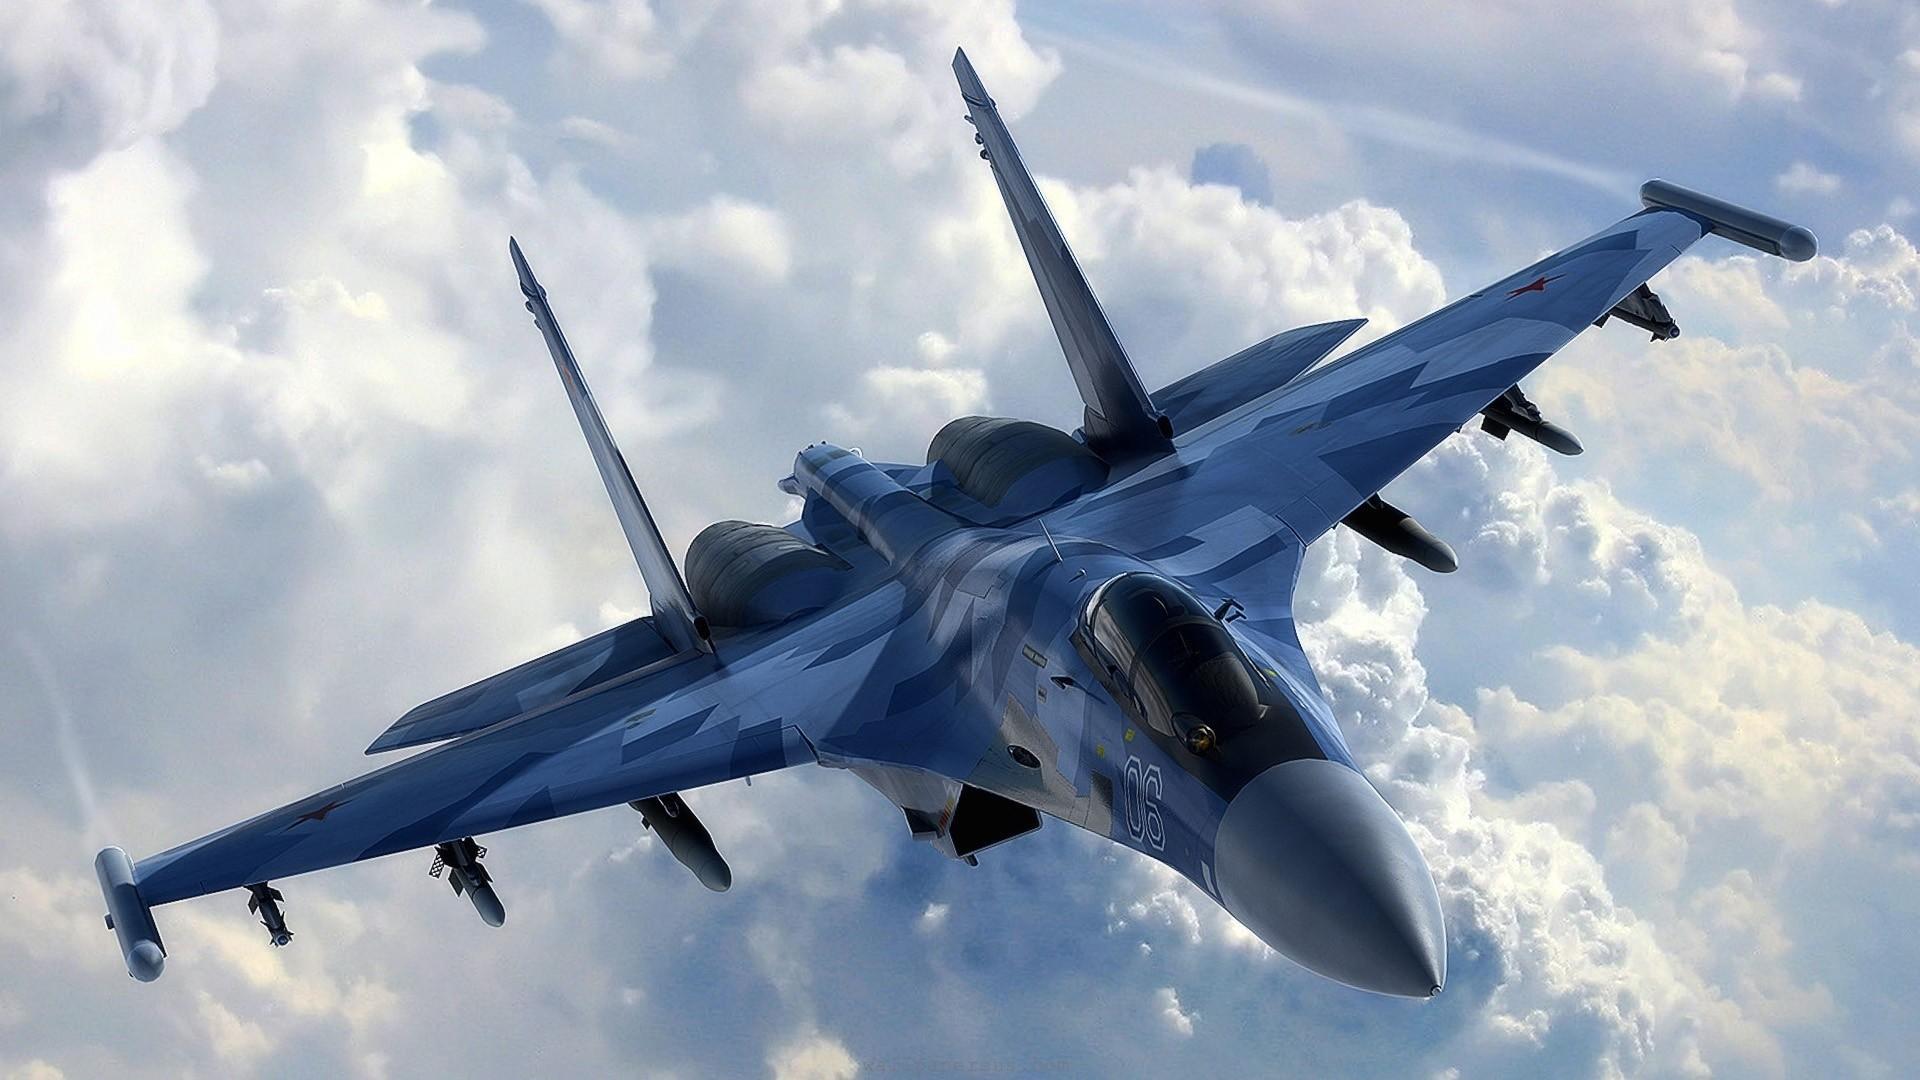 обыкновенная замечательное картинки с самолетами в небе военный это сделать